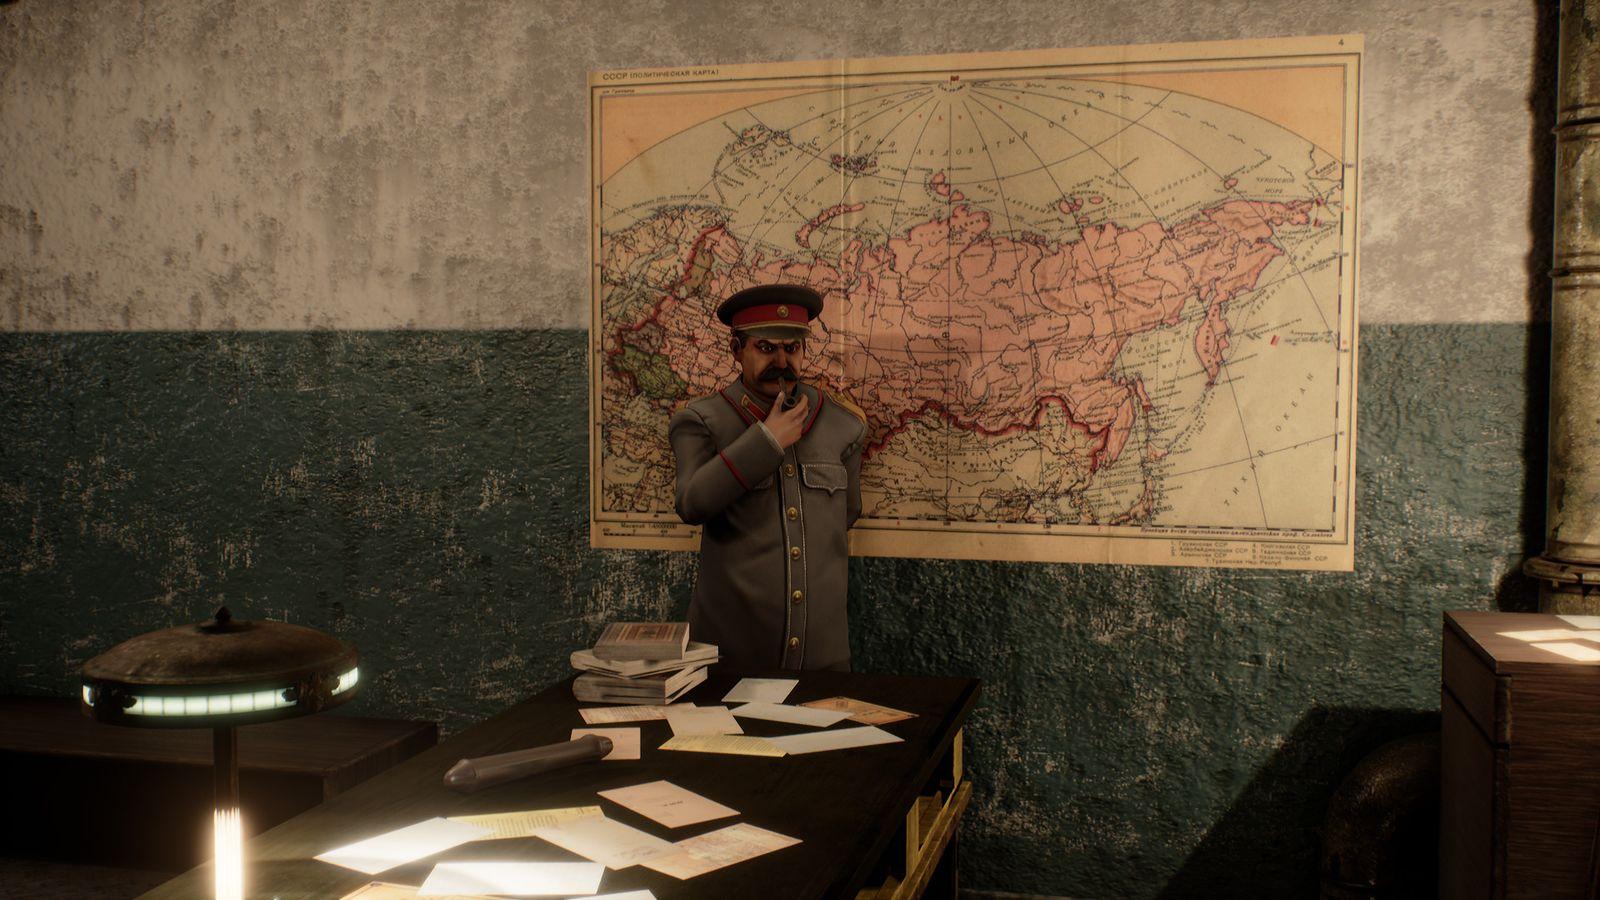 Sex with Stalin: Spiel lässt Diktator verführen und ihn